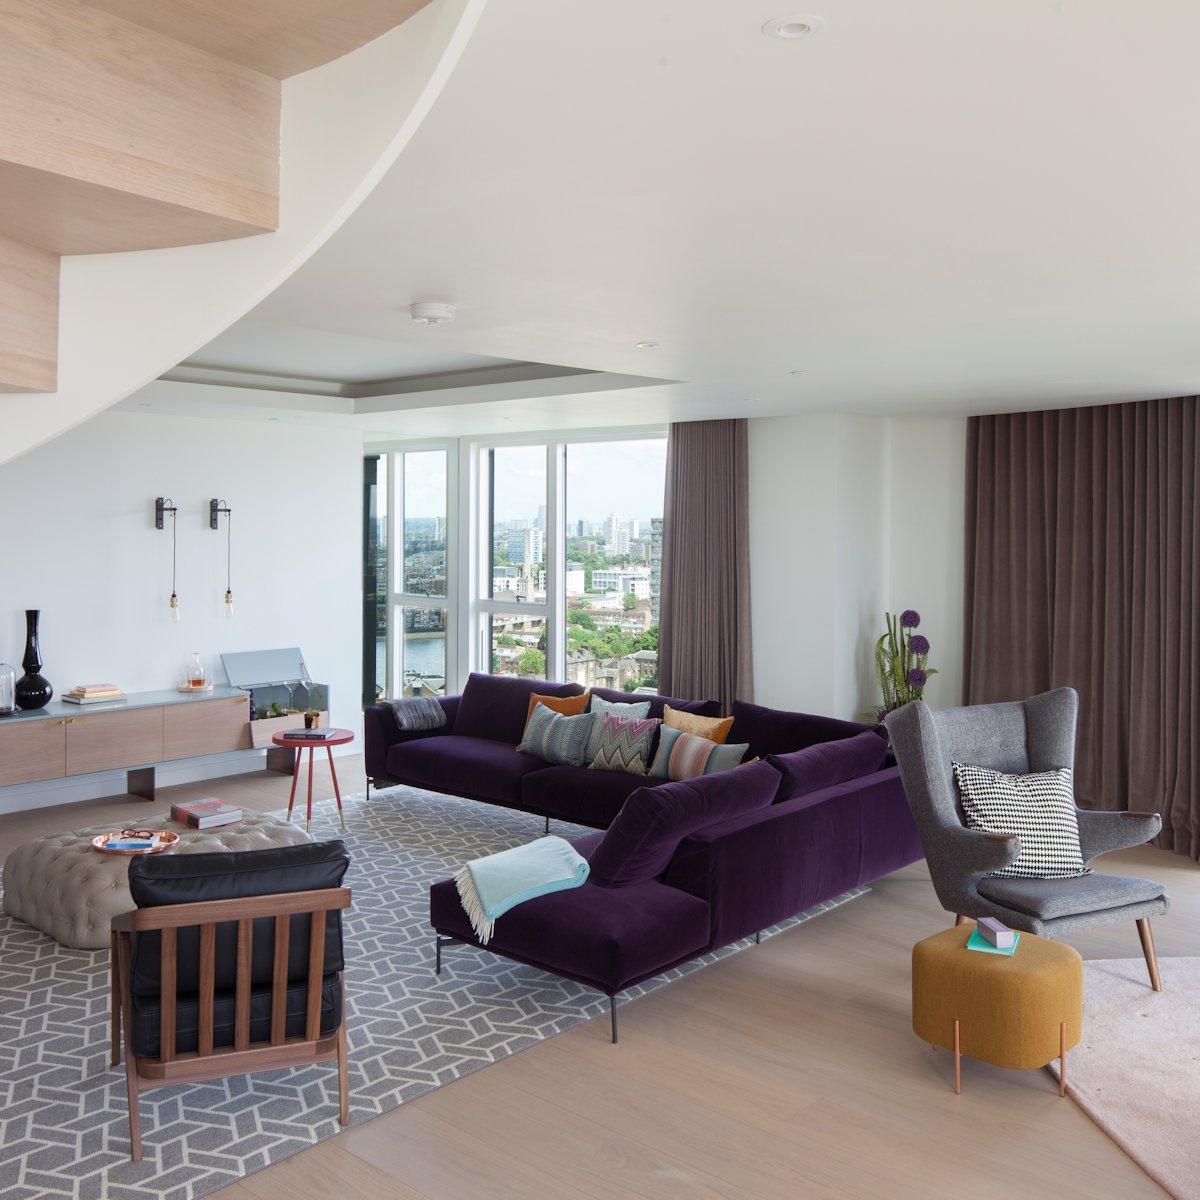 伦敦简洁风格 复式公寓设计(组图)